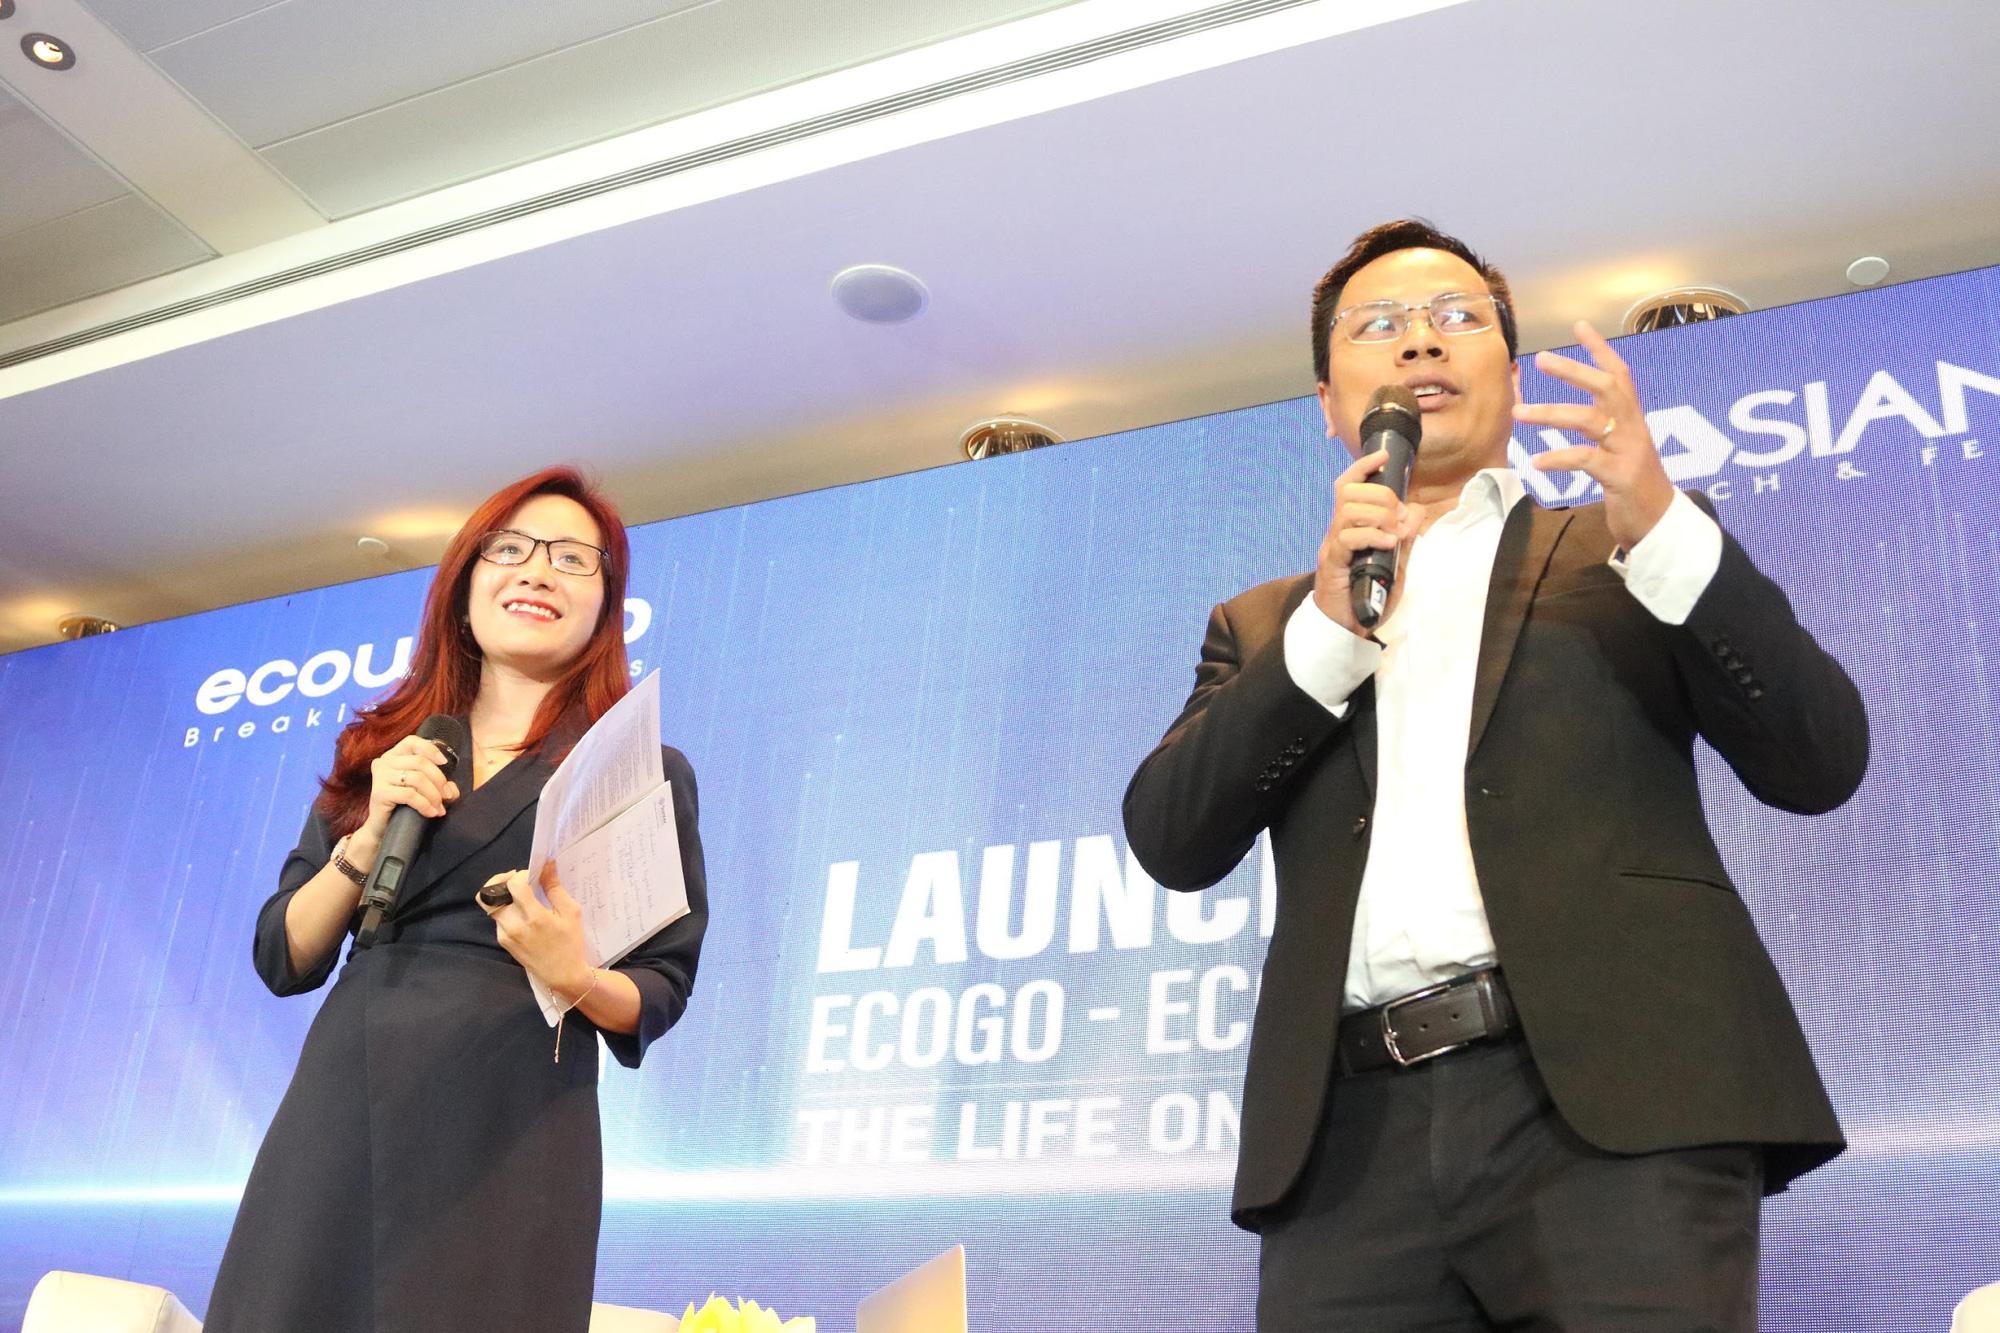 Tập đoàn Ecoworld giới thiệu ứng dụng hệ sinh thái Blockchain Ecogo tại Singapore - Ảnh 2.